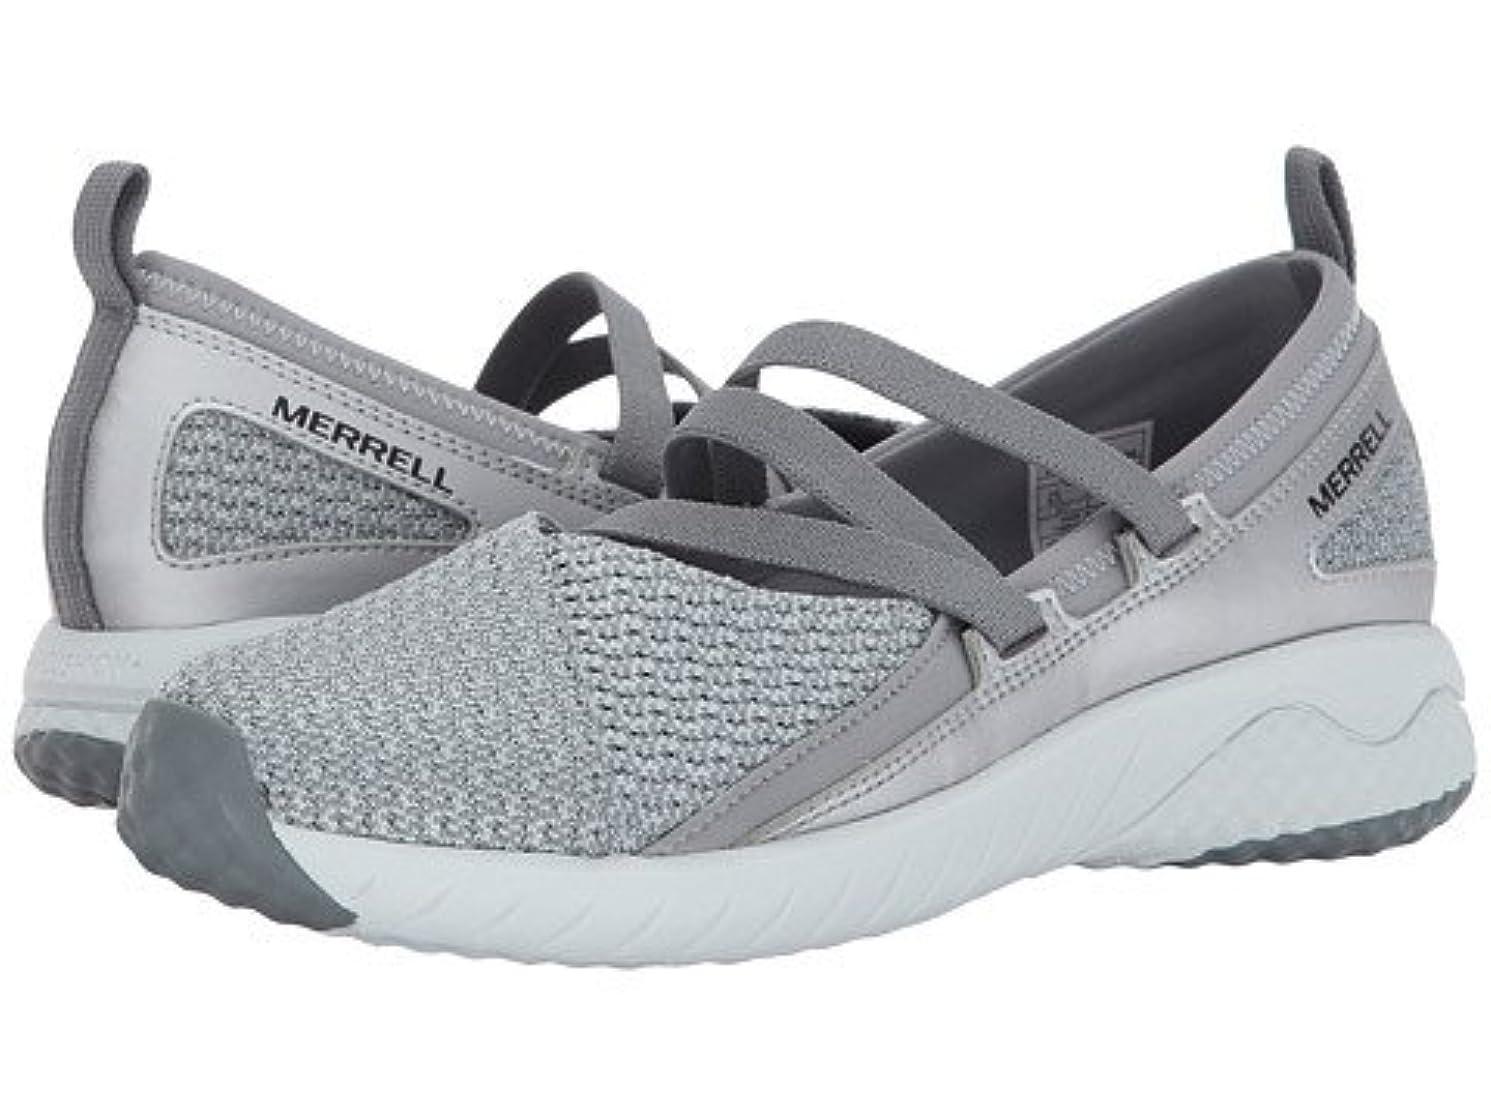 ドライブ人形文庫本レディースウォーキングシューズ?スニーカー?靴 1SIX8 MJ AC+ Grey 9.5 26.5cm M [並行輸入品]